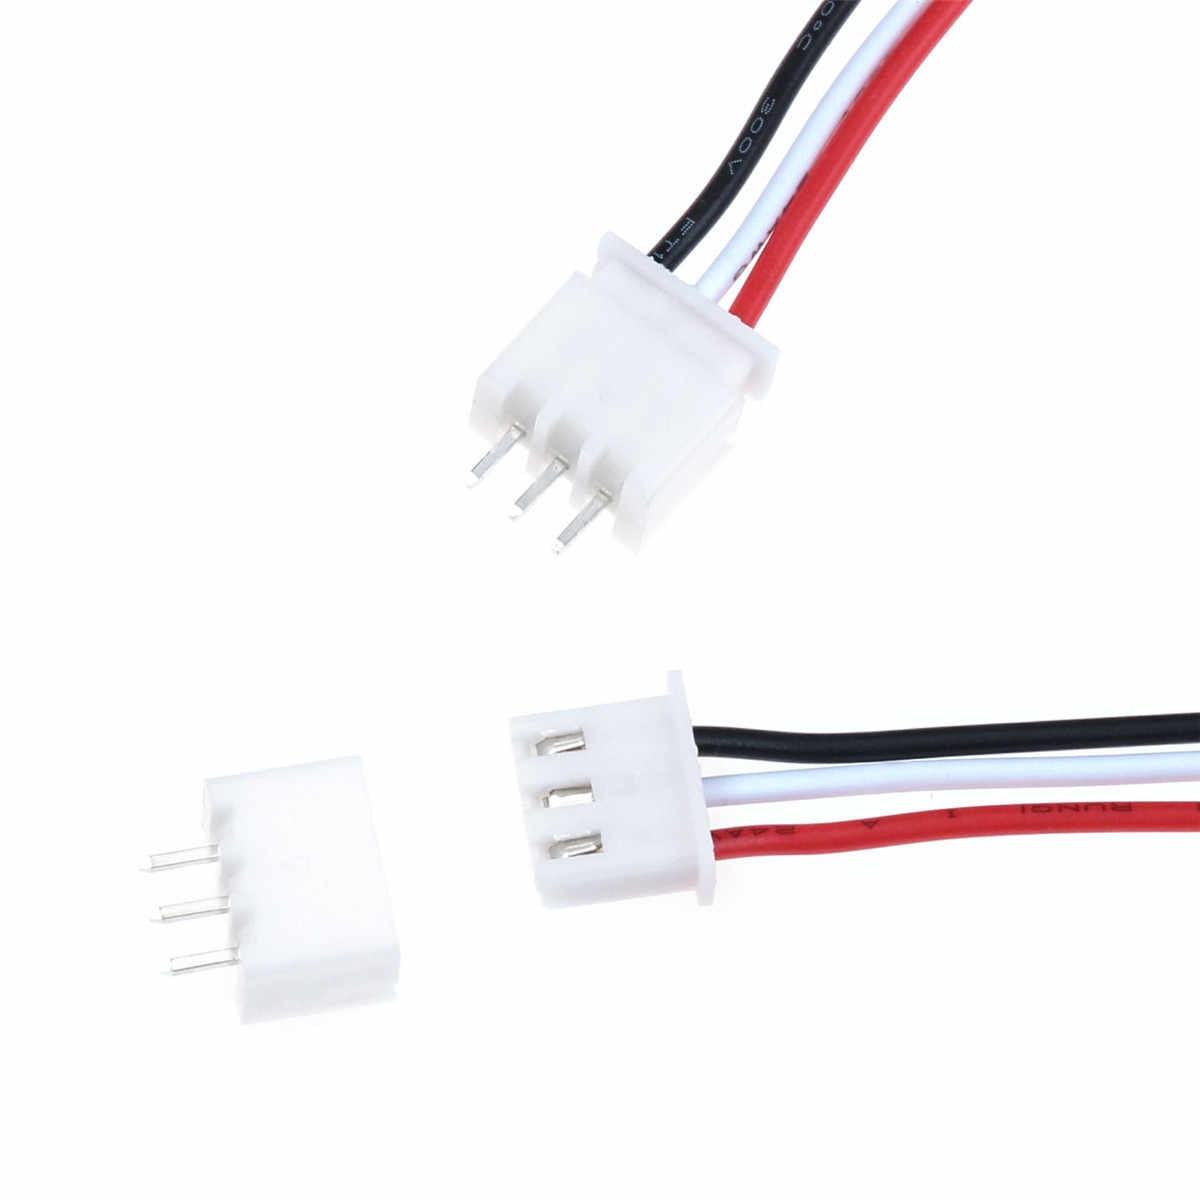 10 комплектов Mini Micro JST разъем XH 2,54 мм 3-контактный разъем с 24AWG жильный кабель 150 мм Длина для RC Самолет li-po батареи разъемы